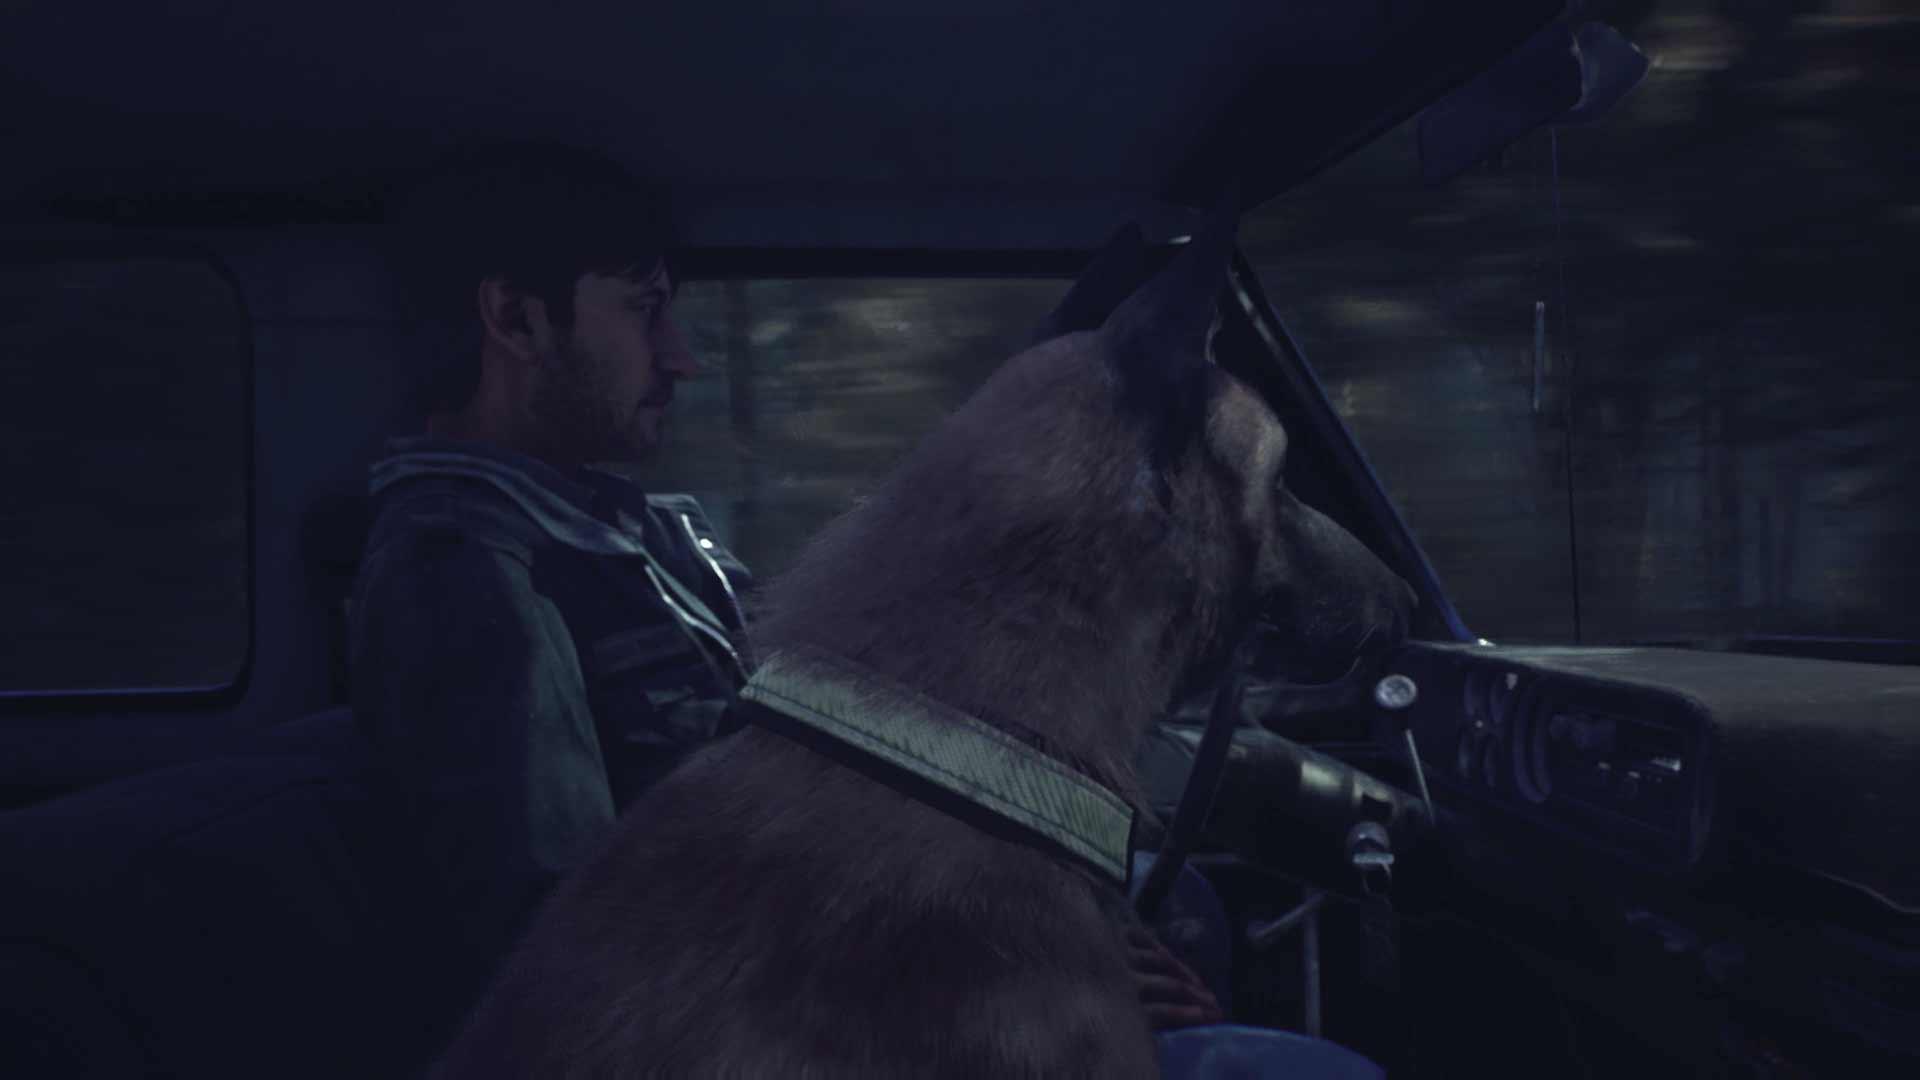 Сверхъестественные злодеи бродят по лесу, и они, кажется, охотятся на Эллиса и Bullet.